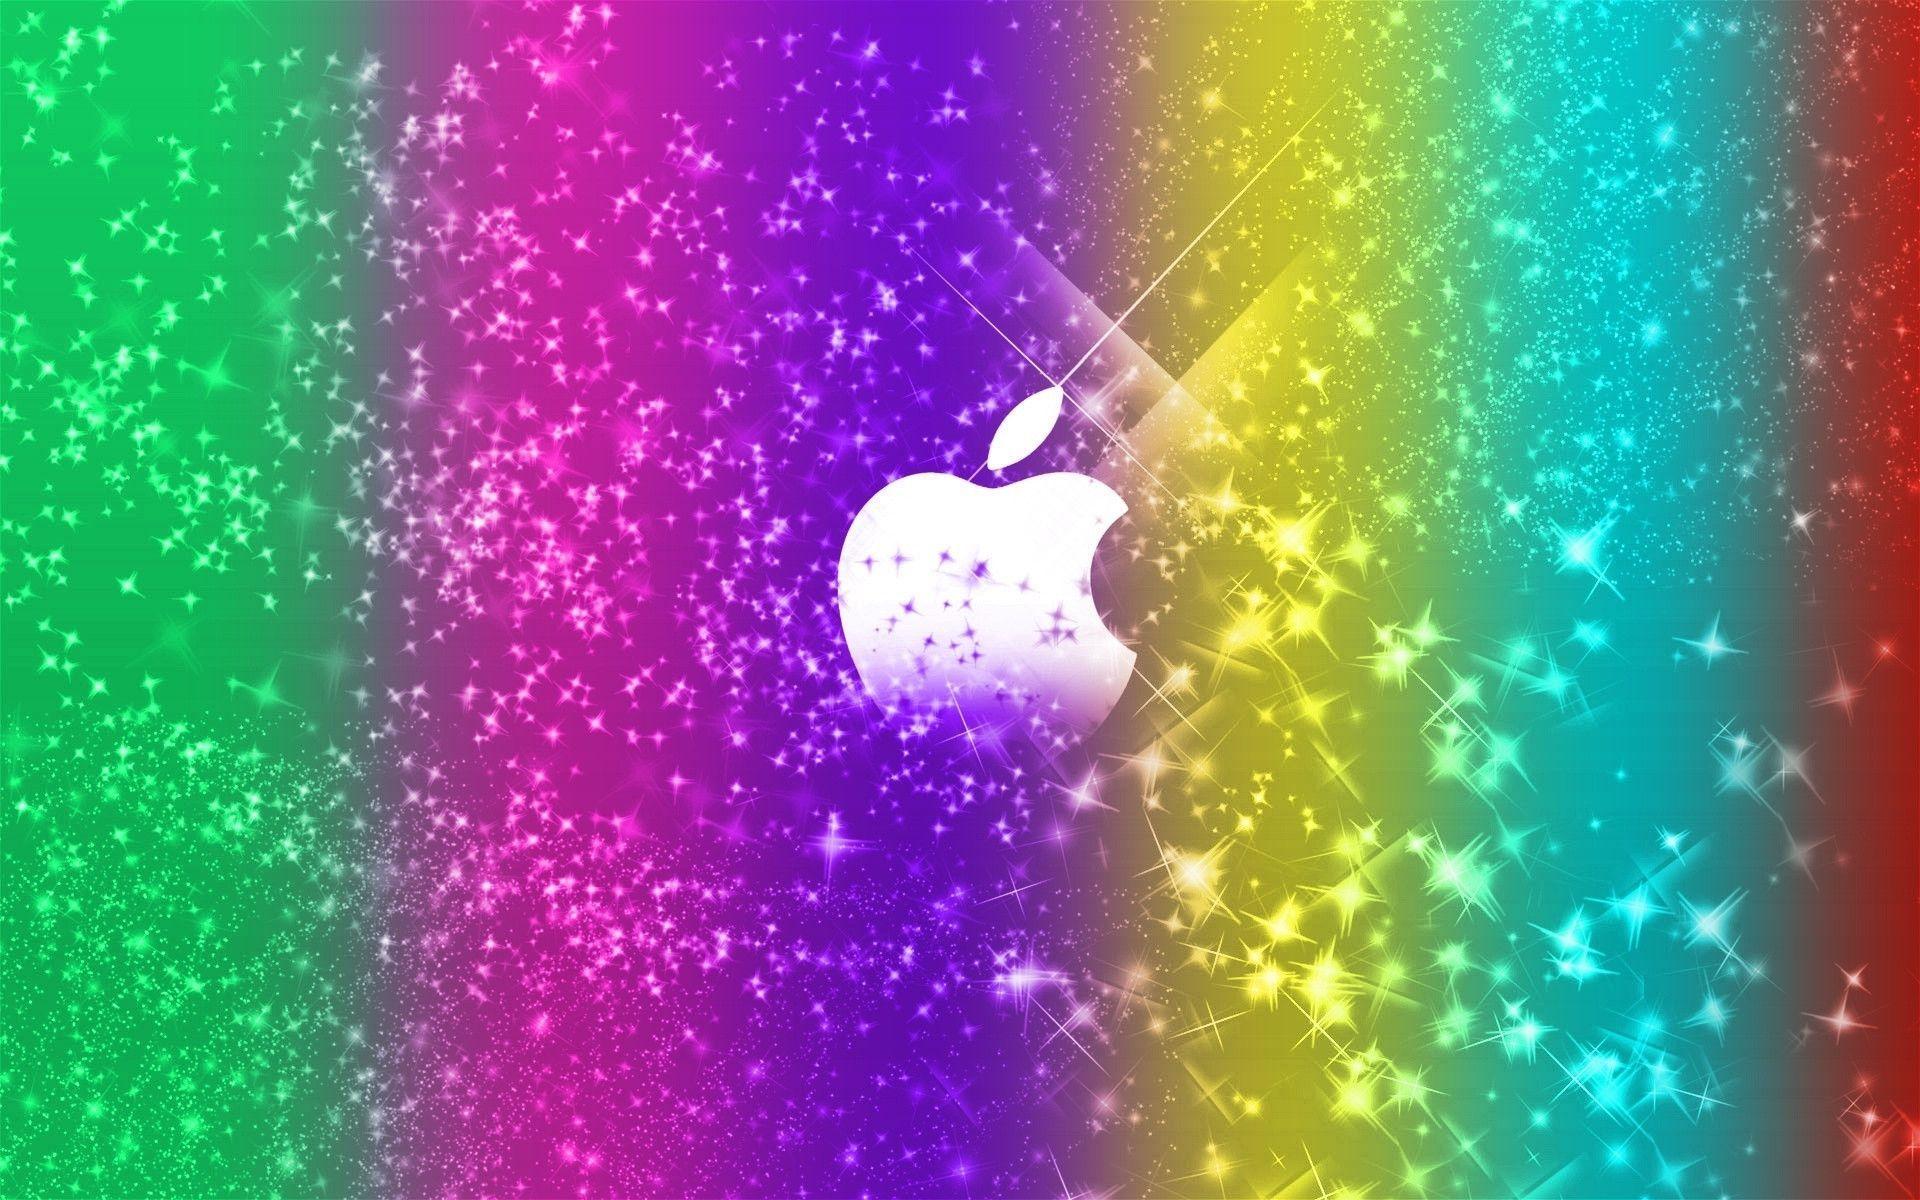 apple hd wallpapers apple logo desktop backgrounds page backgrounds apple wallpapers